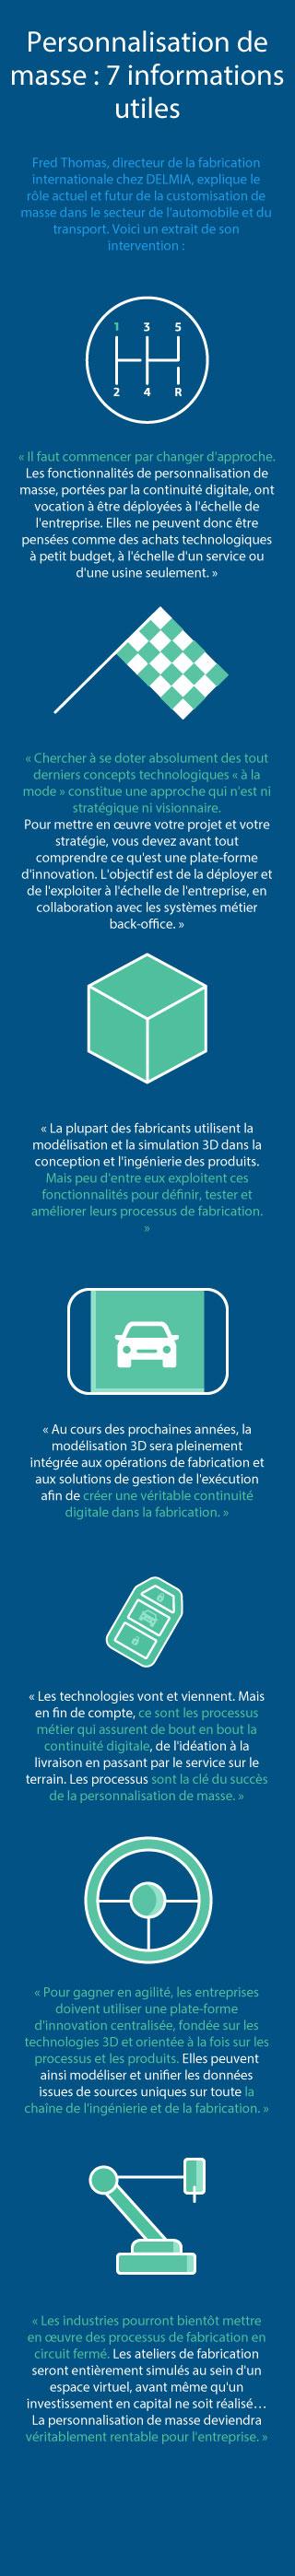 Personnalisation de masse > 7 facteurs clés pour réussir la personnalisation de masse > Dassault Systèmes Personnalisation de masse > Vers un processus de fabrication plus Lean > Dassault Systèmes®